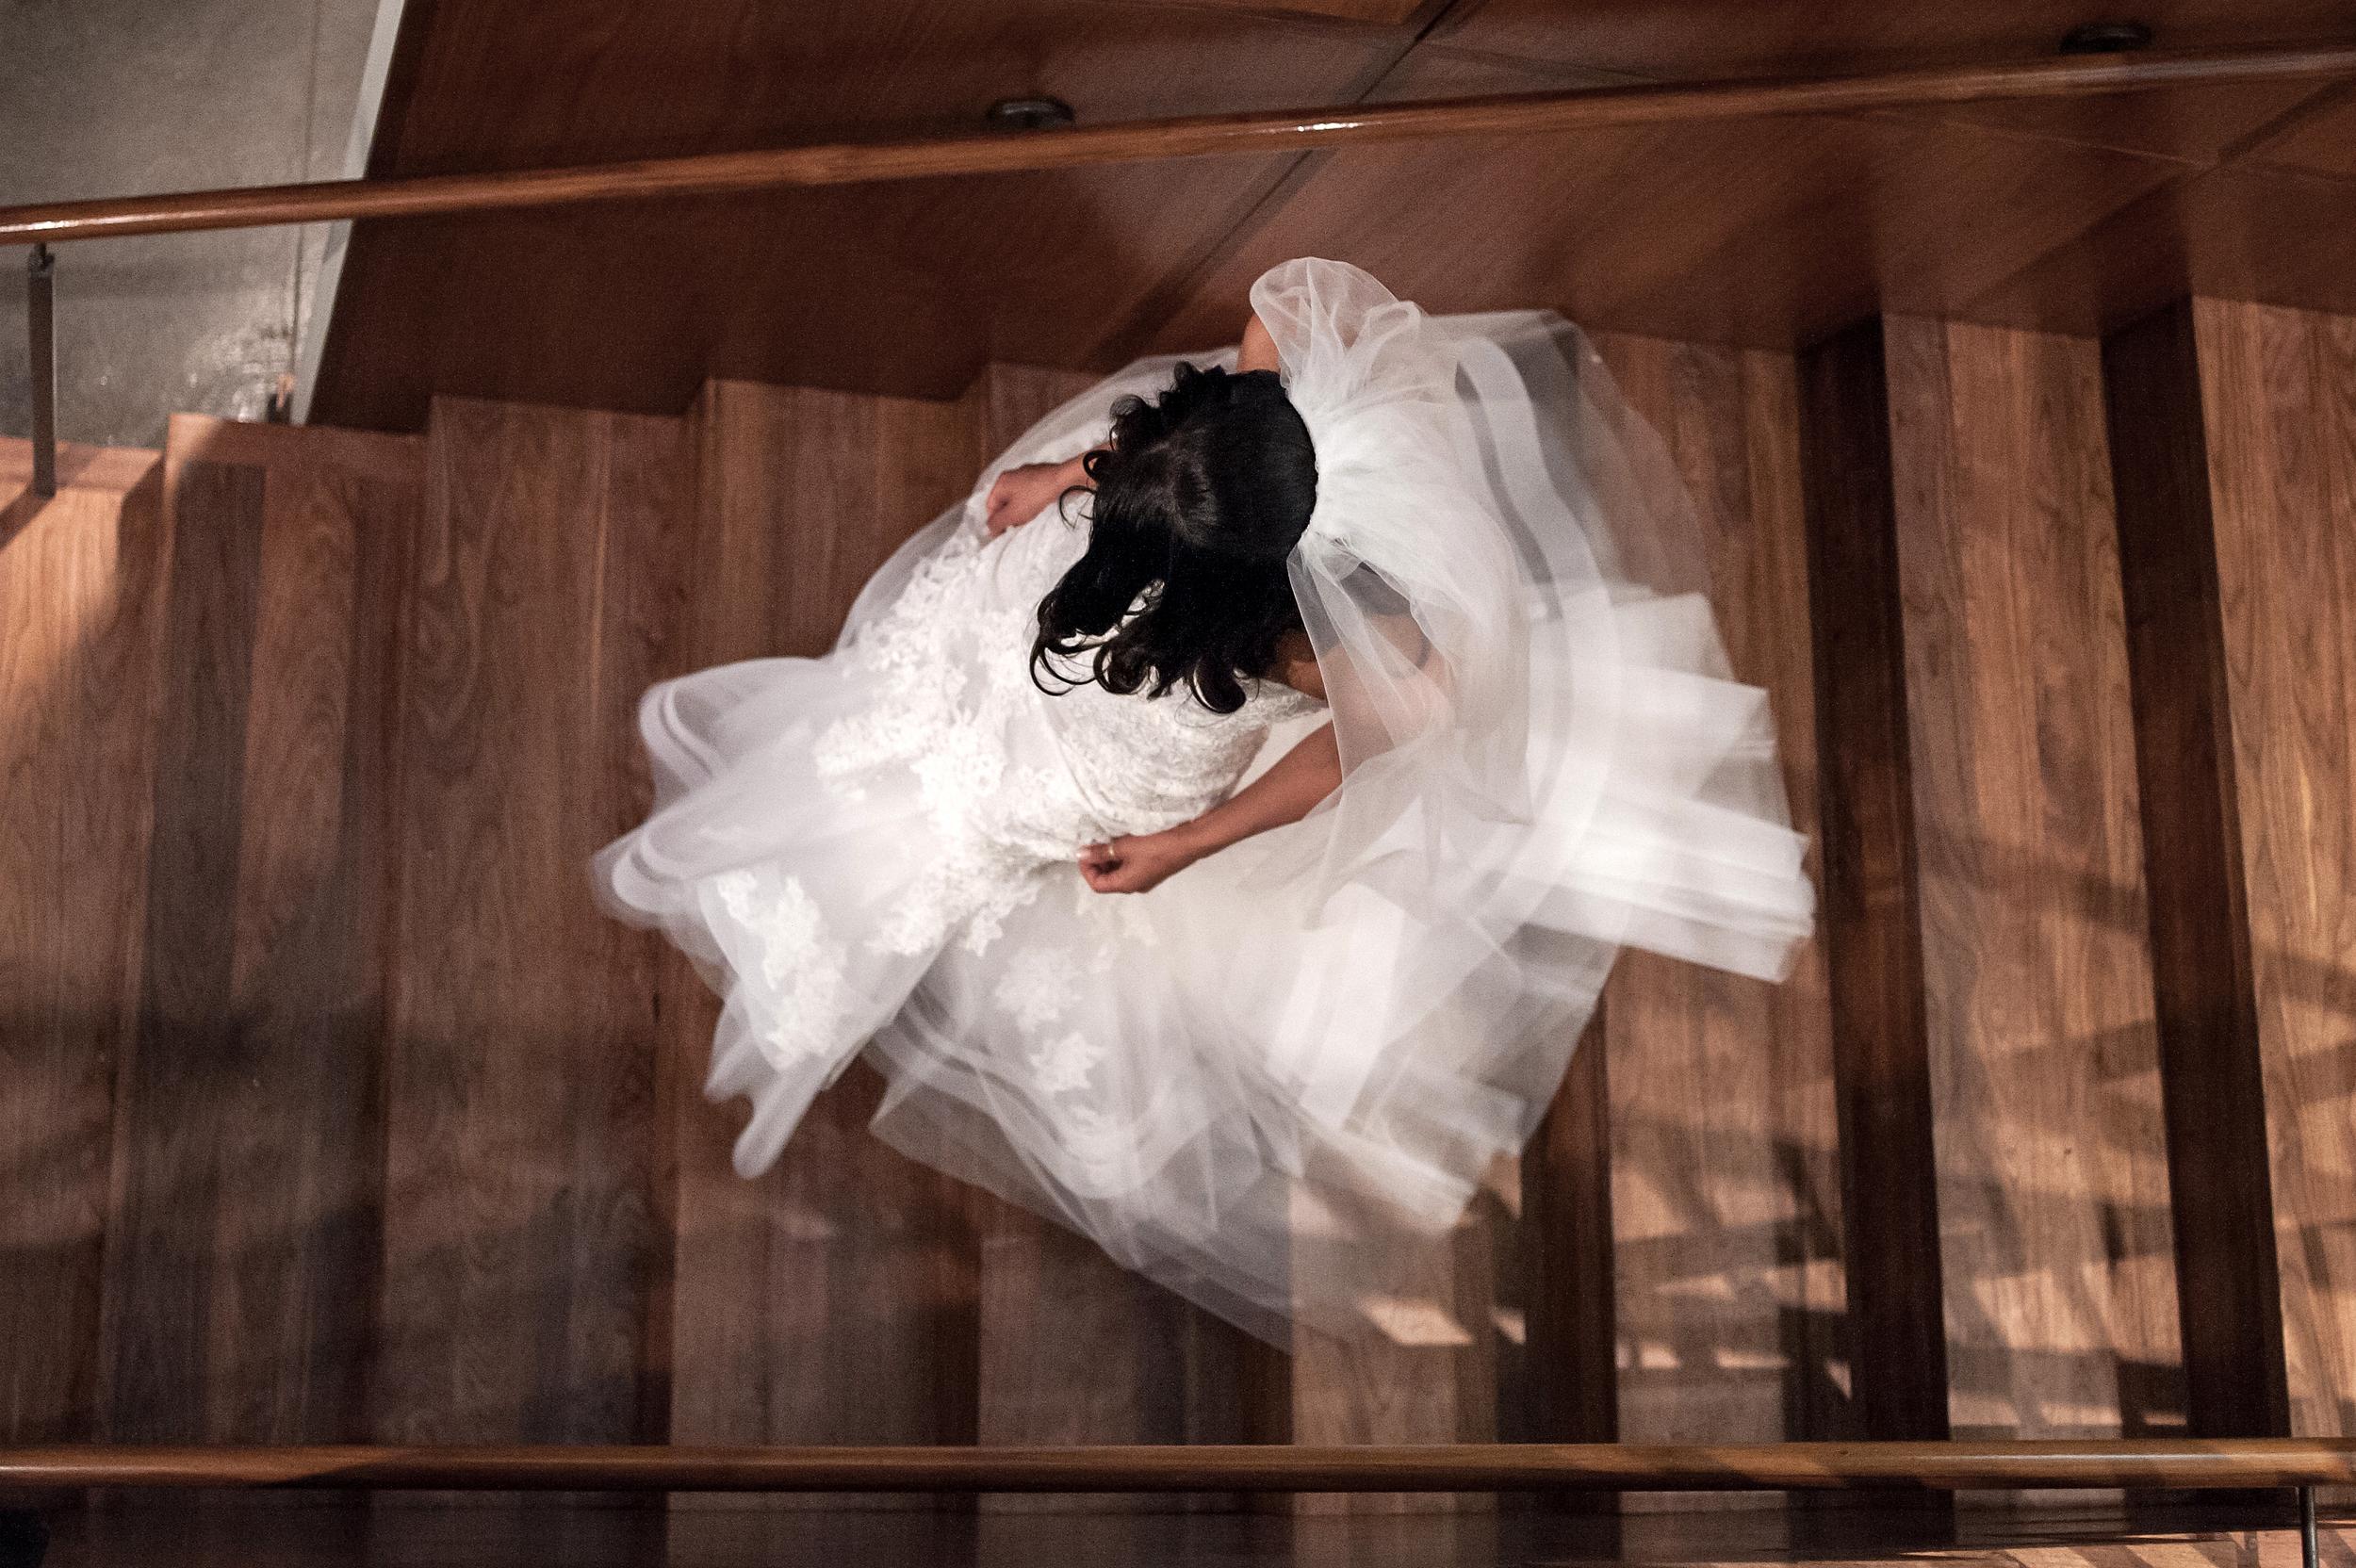 Ceci_New_York_Bride_Wedding_Blue_Hill_9.jpg